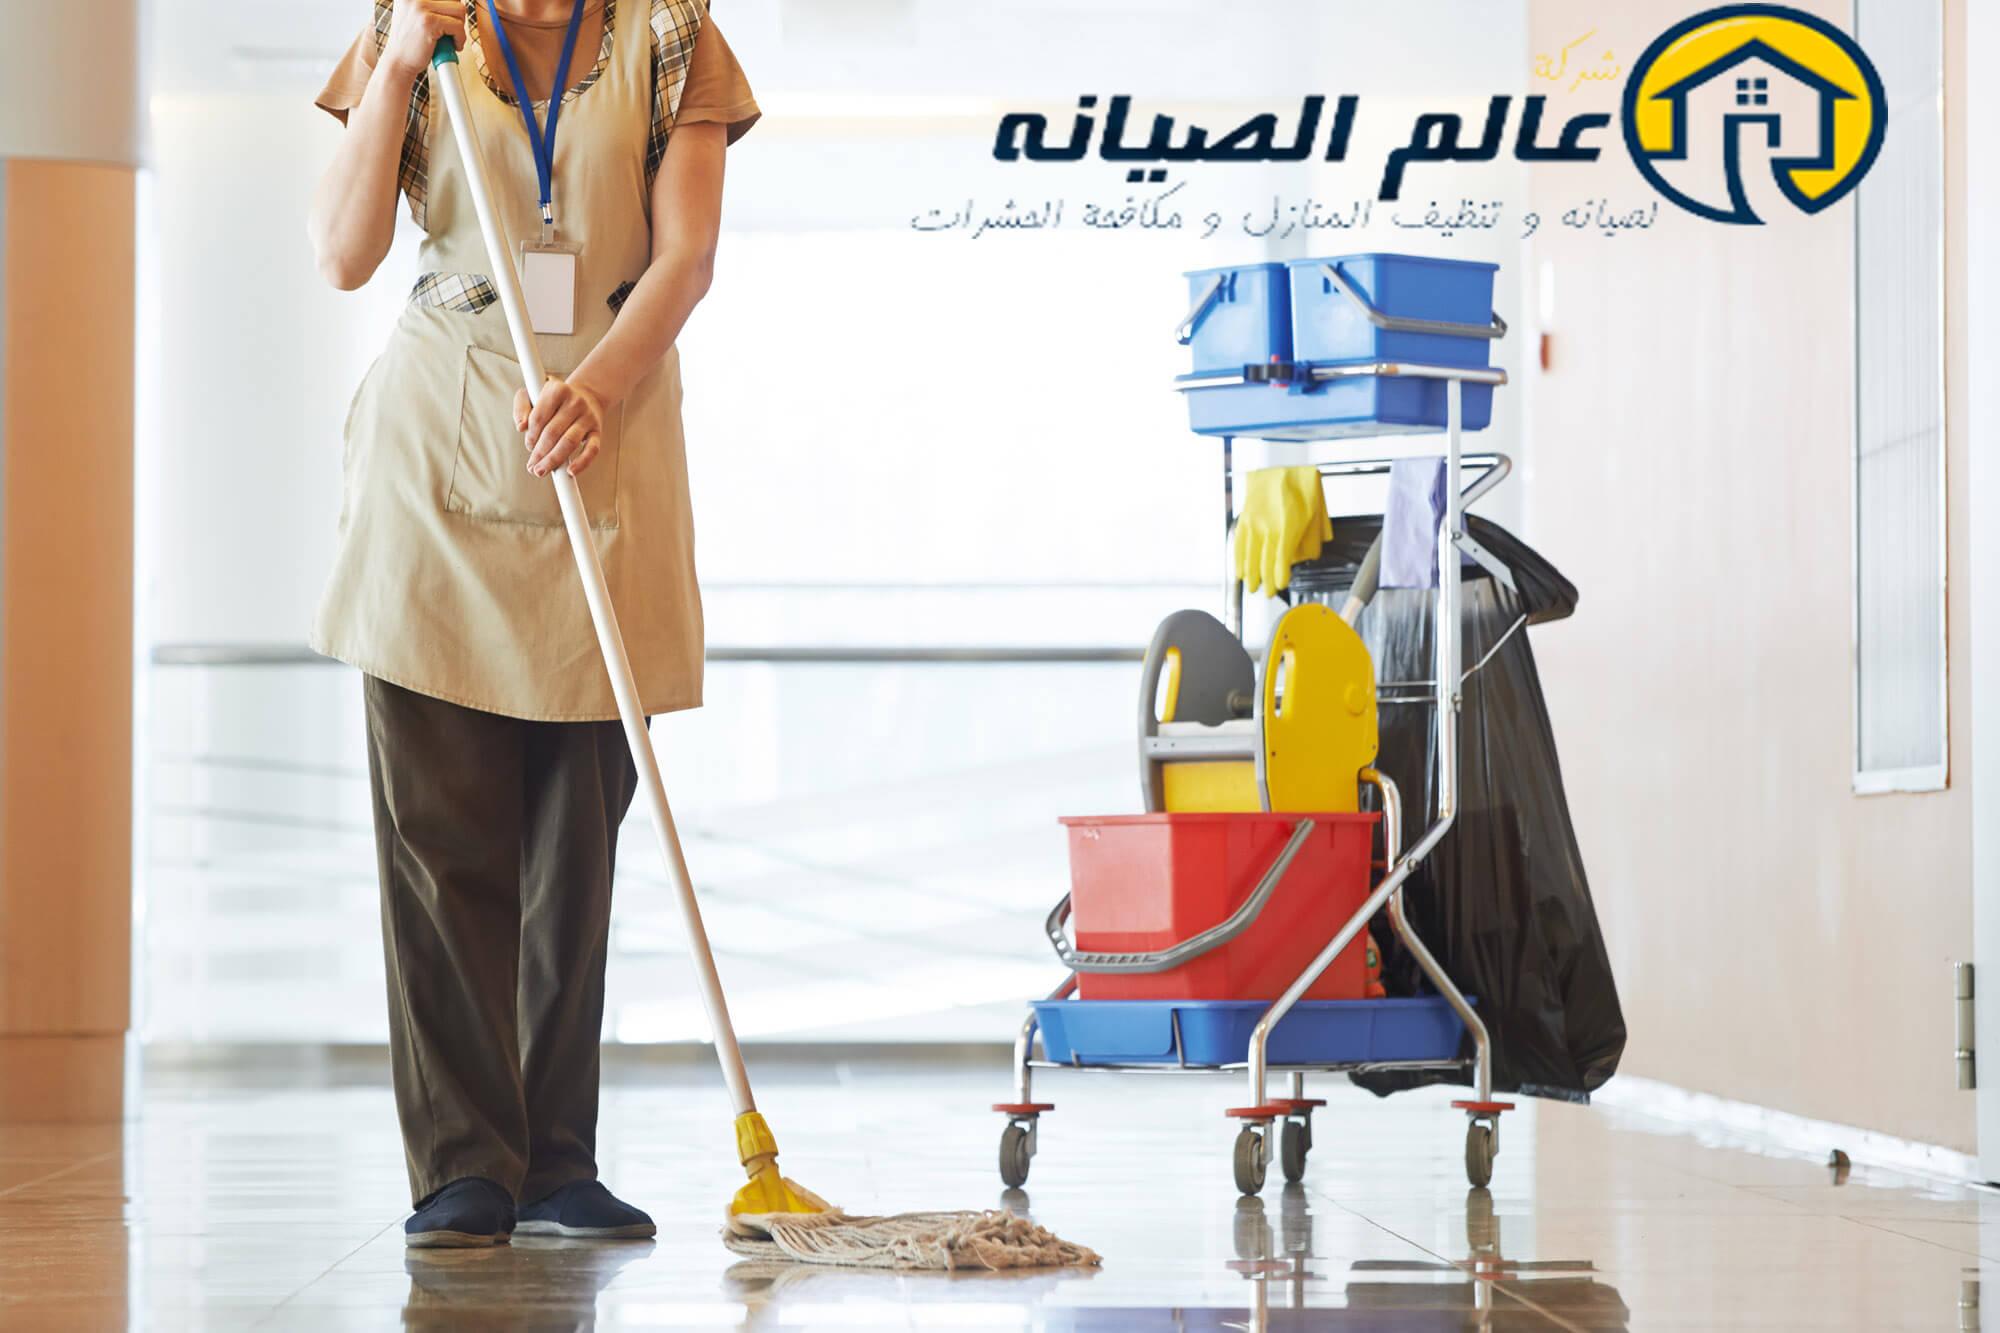 بالصور شركة تنظيف فلل بالرياض , كبري شركات التنظيف في الرياض 1868